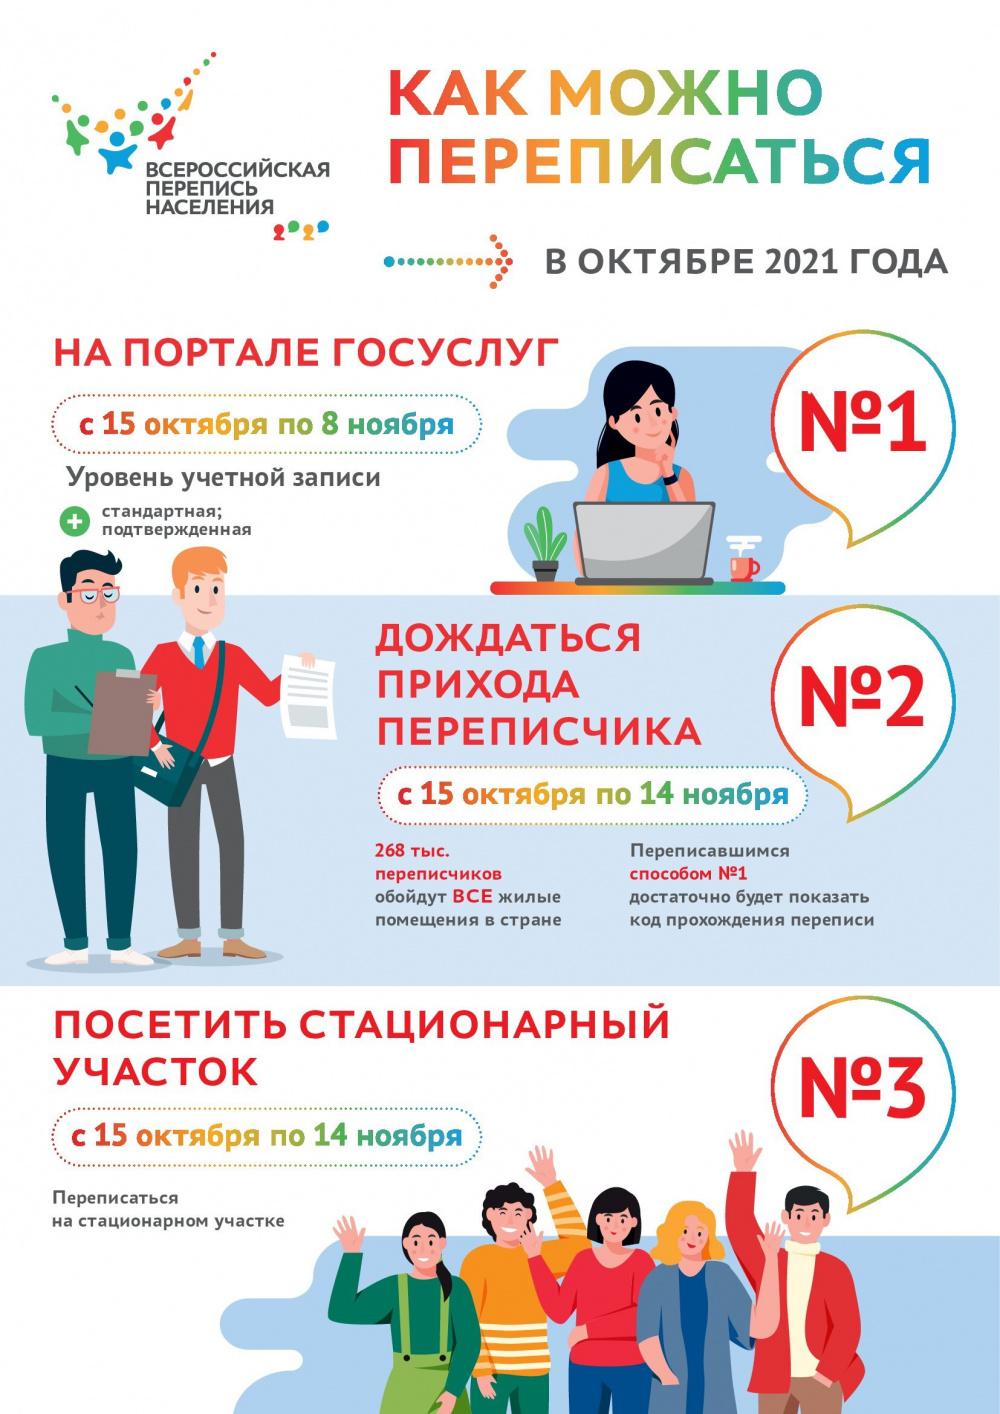 Всероссийская перепись населения.